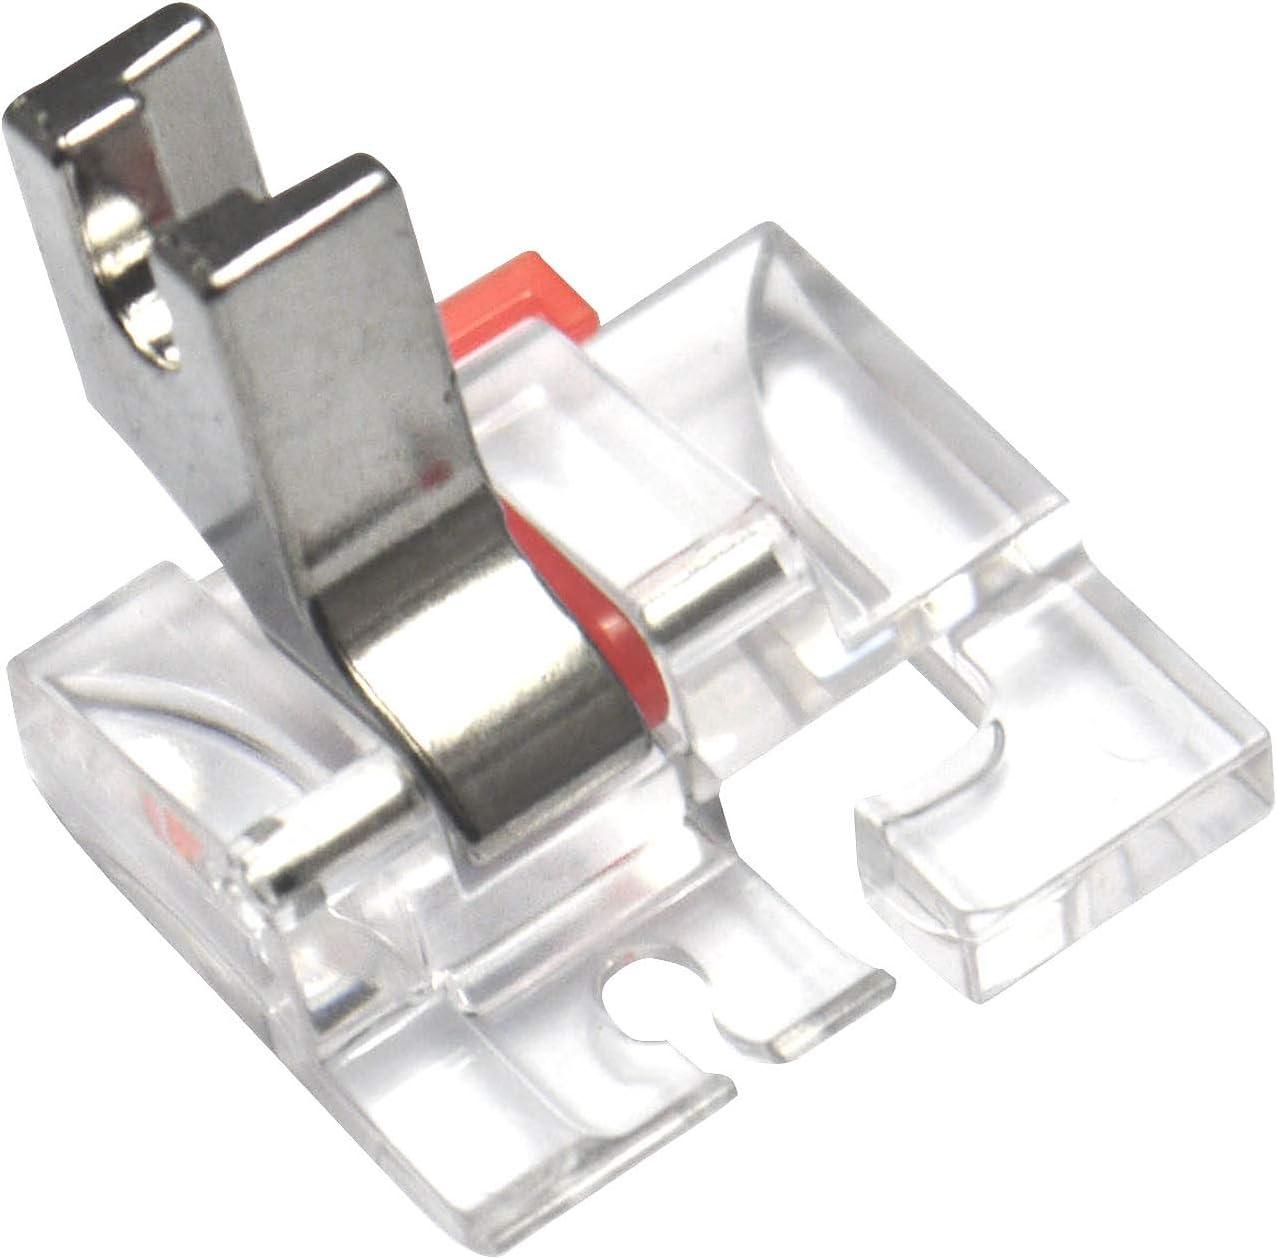 DREAMSTITCH 6709L - Prensatelas de costura curvada de 1/4 pulgadas ...